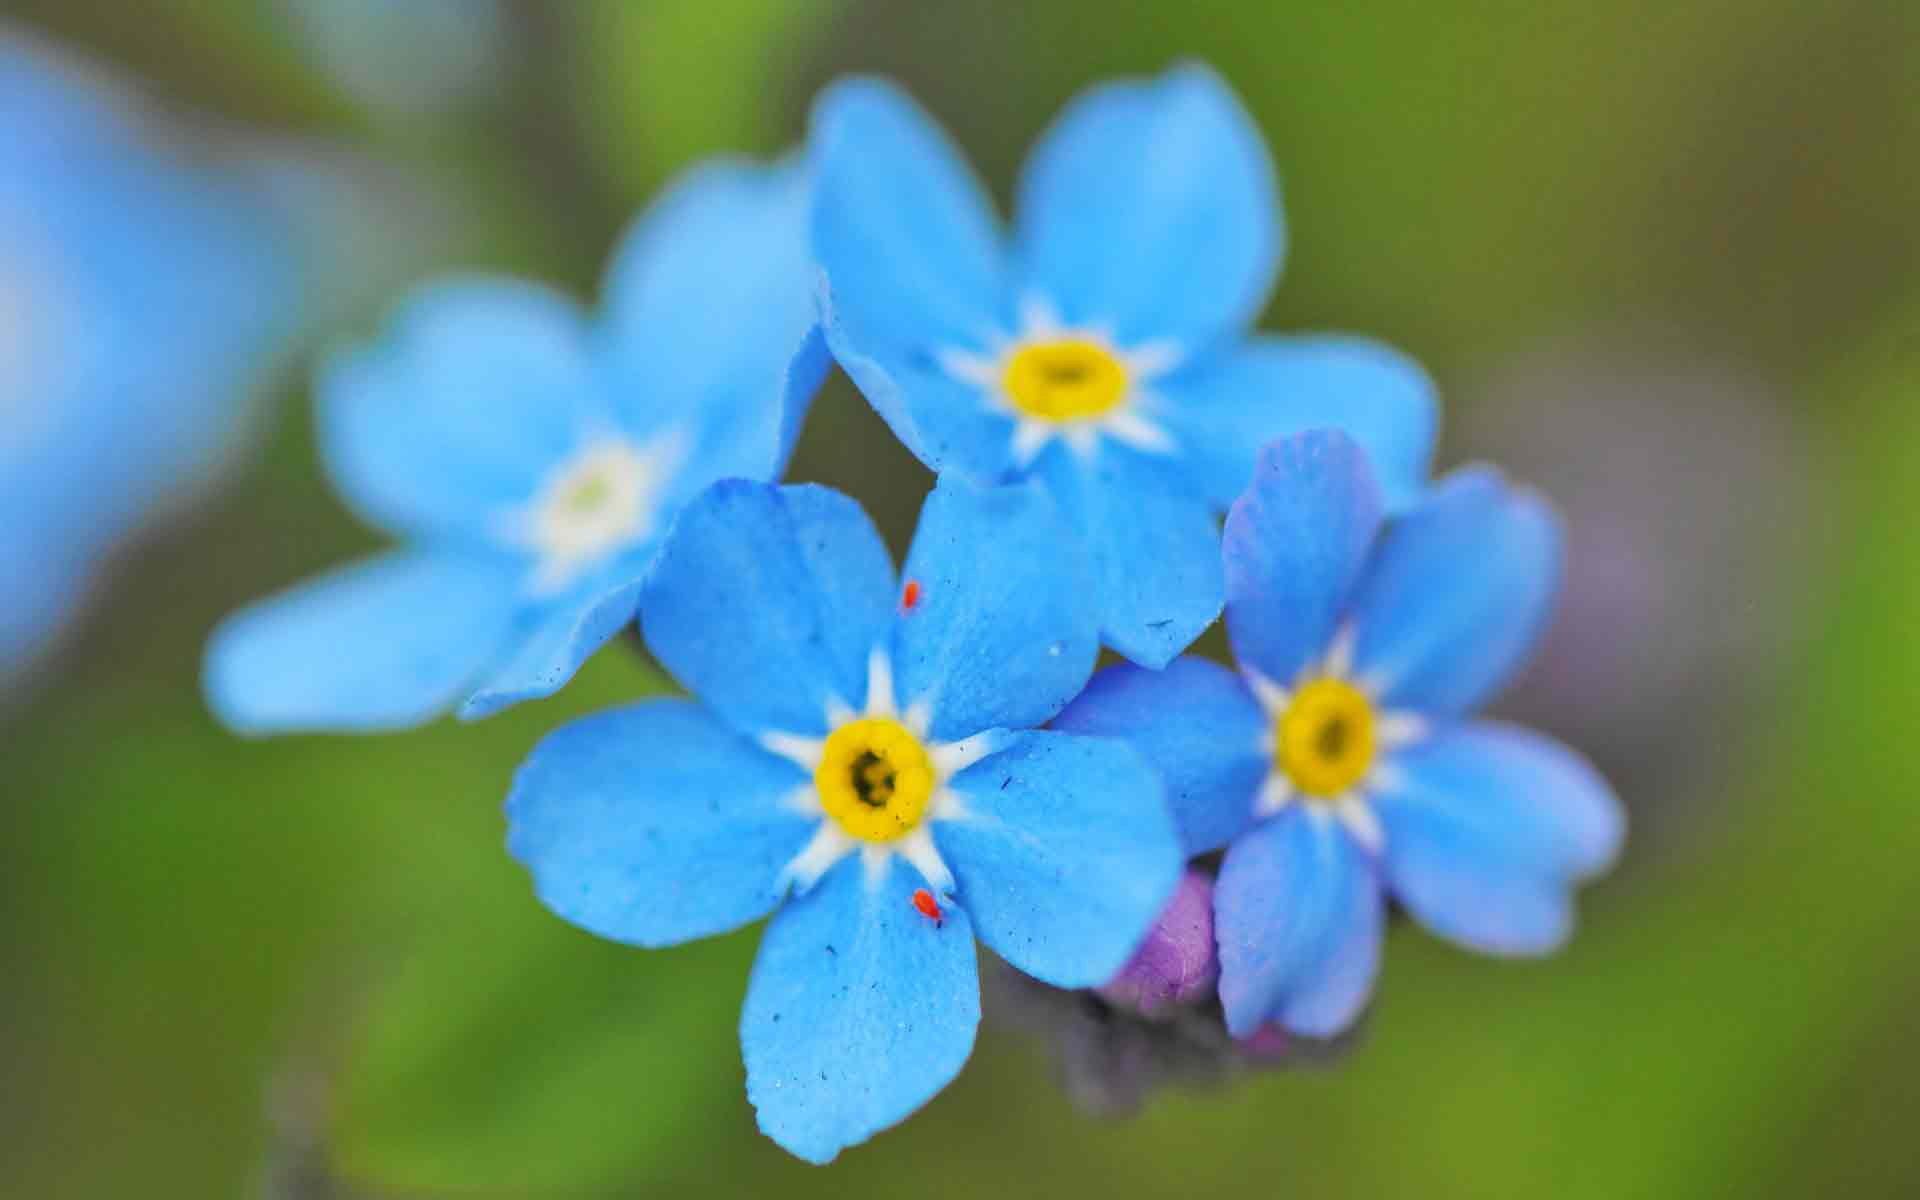 ... Яркие цветы, Яркие цветы синего цвета: www.kartinkioboi.ru/photo/nature/jarkie_cvety/19-0-4481